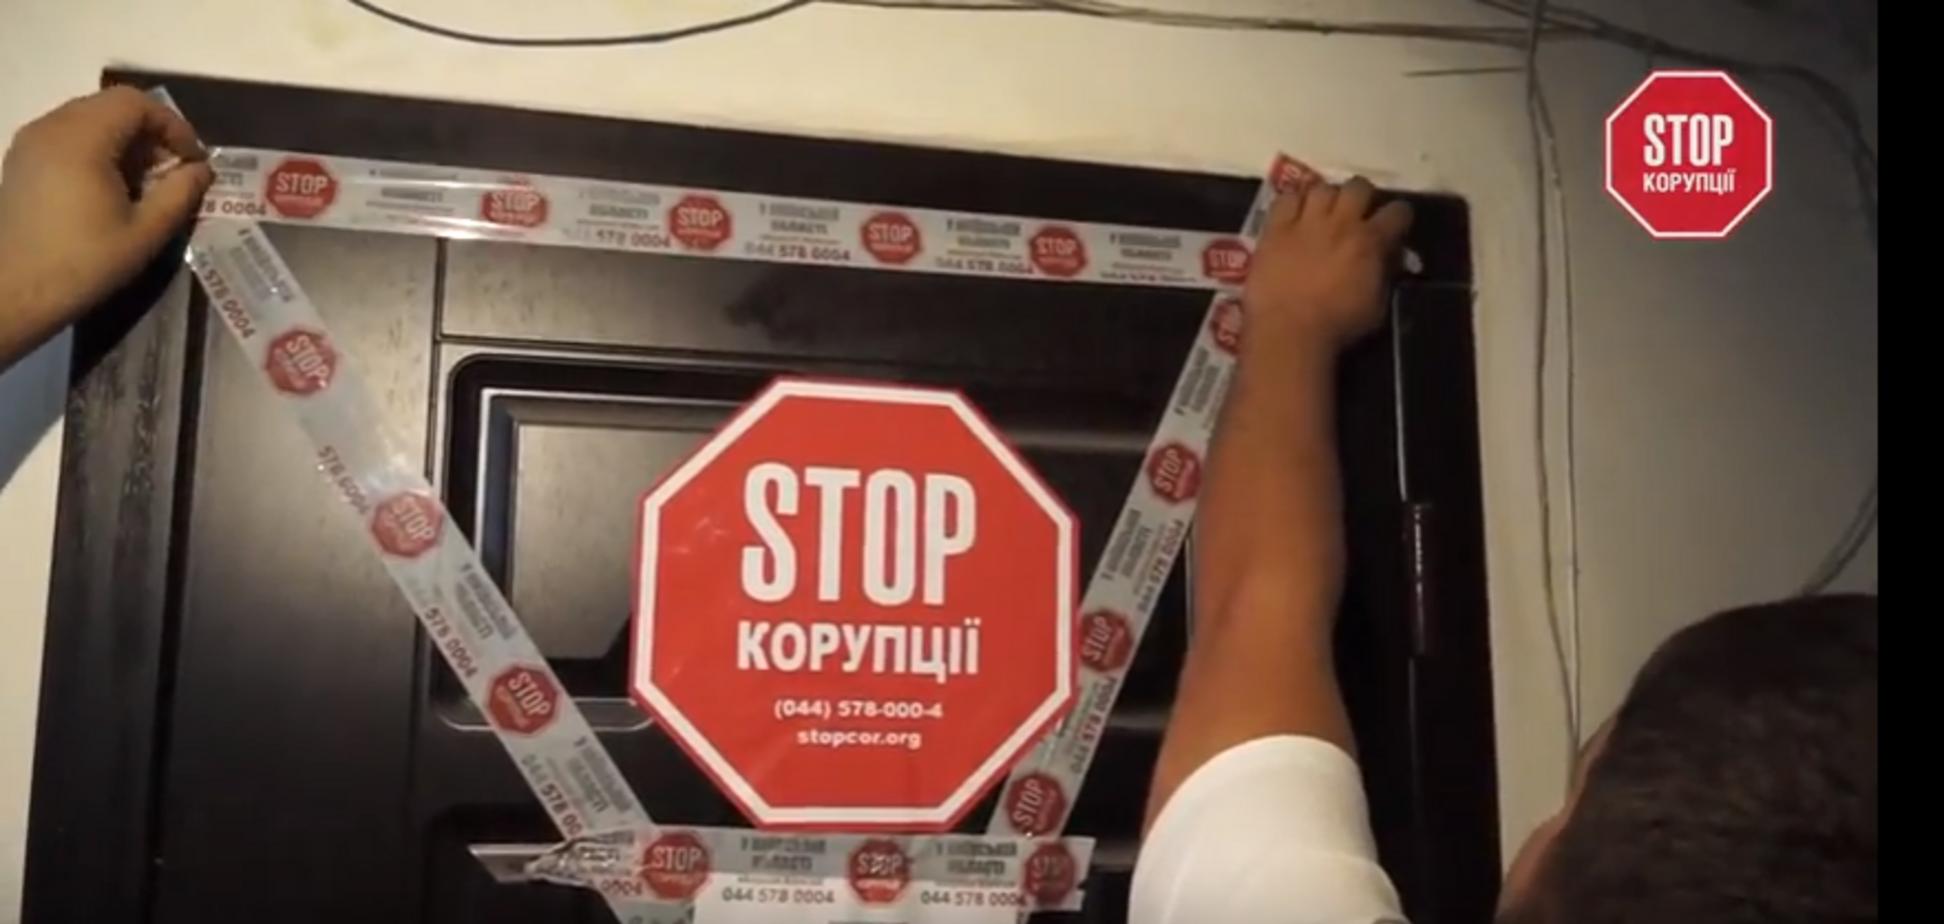 Активісти вручили підозру зниклому нардепу Денисенку